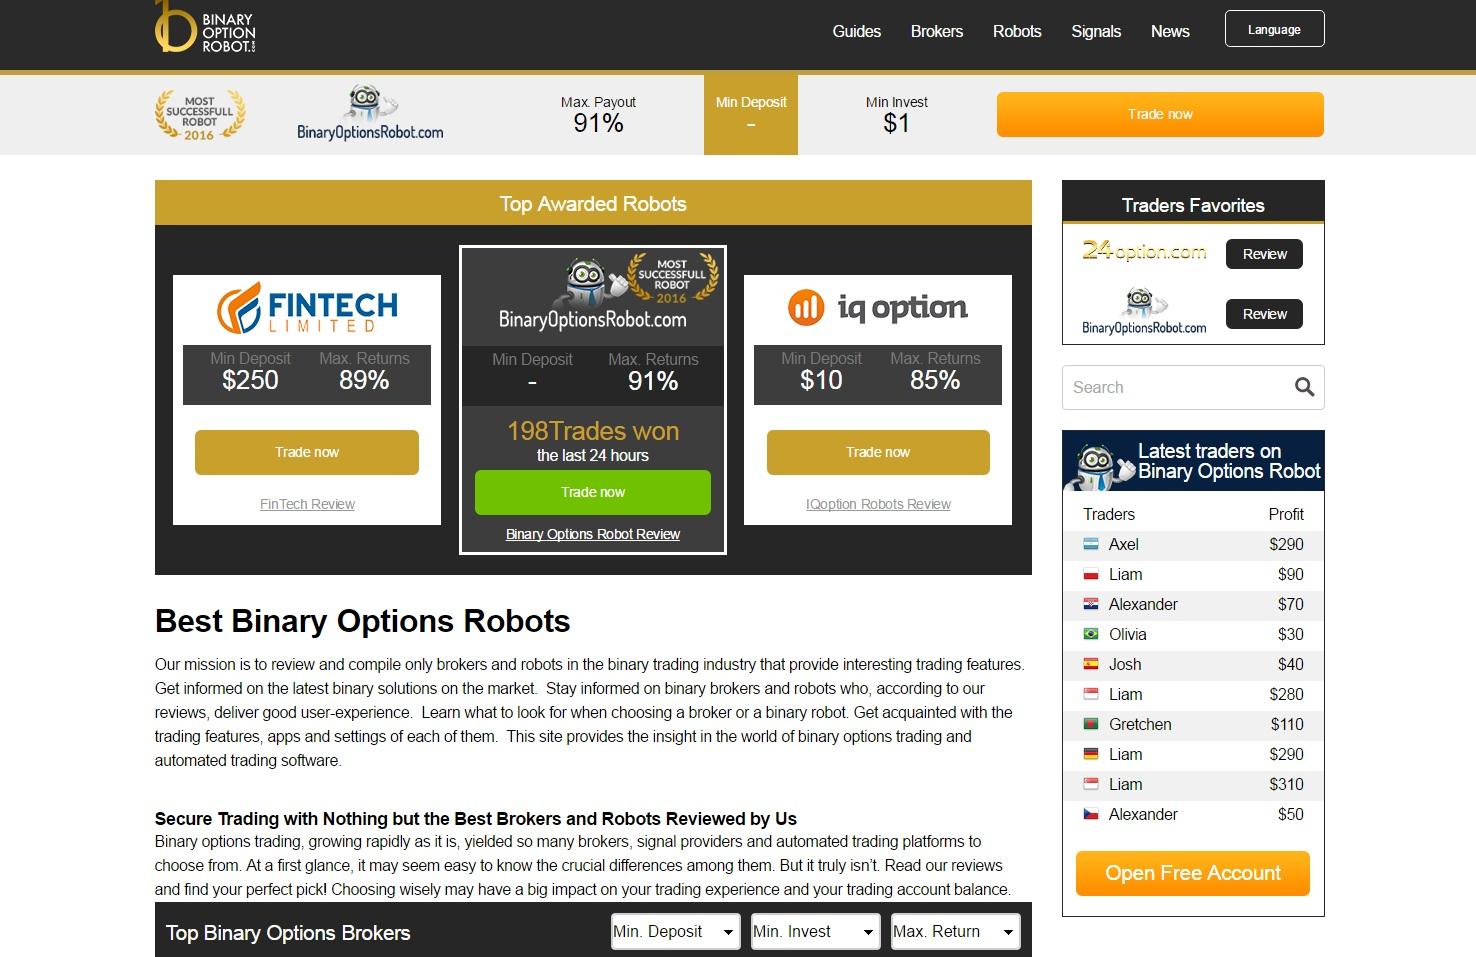 recenzii despre roboți în opțiuni binare